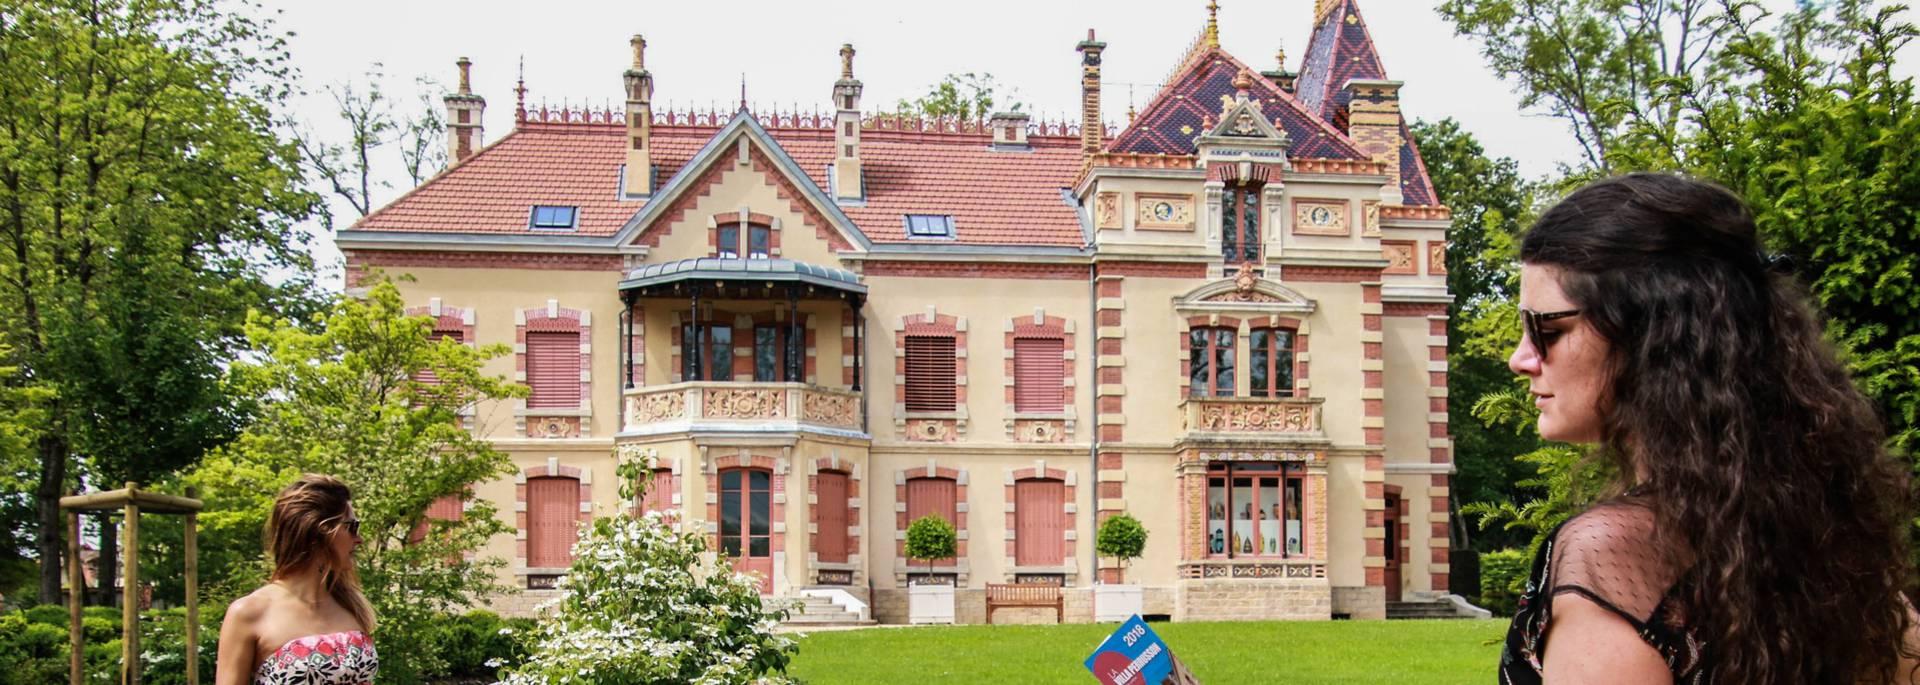 En visitant le jardin de la Villa Perrusson, Écuisses. © Lesley Williamson.